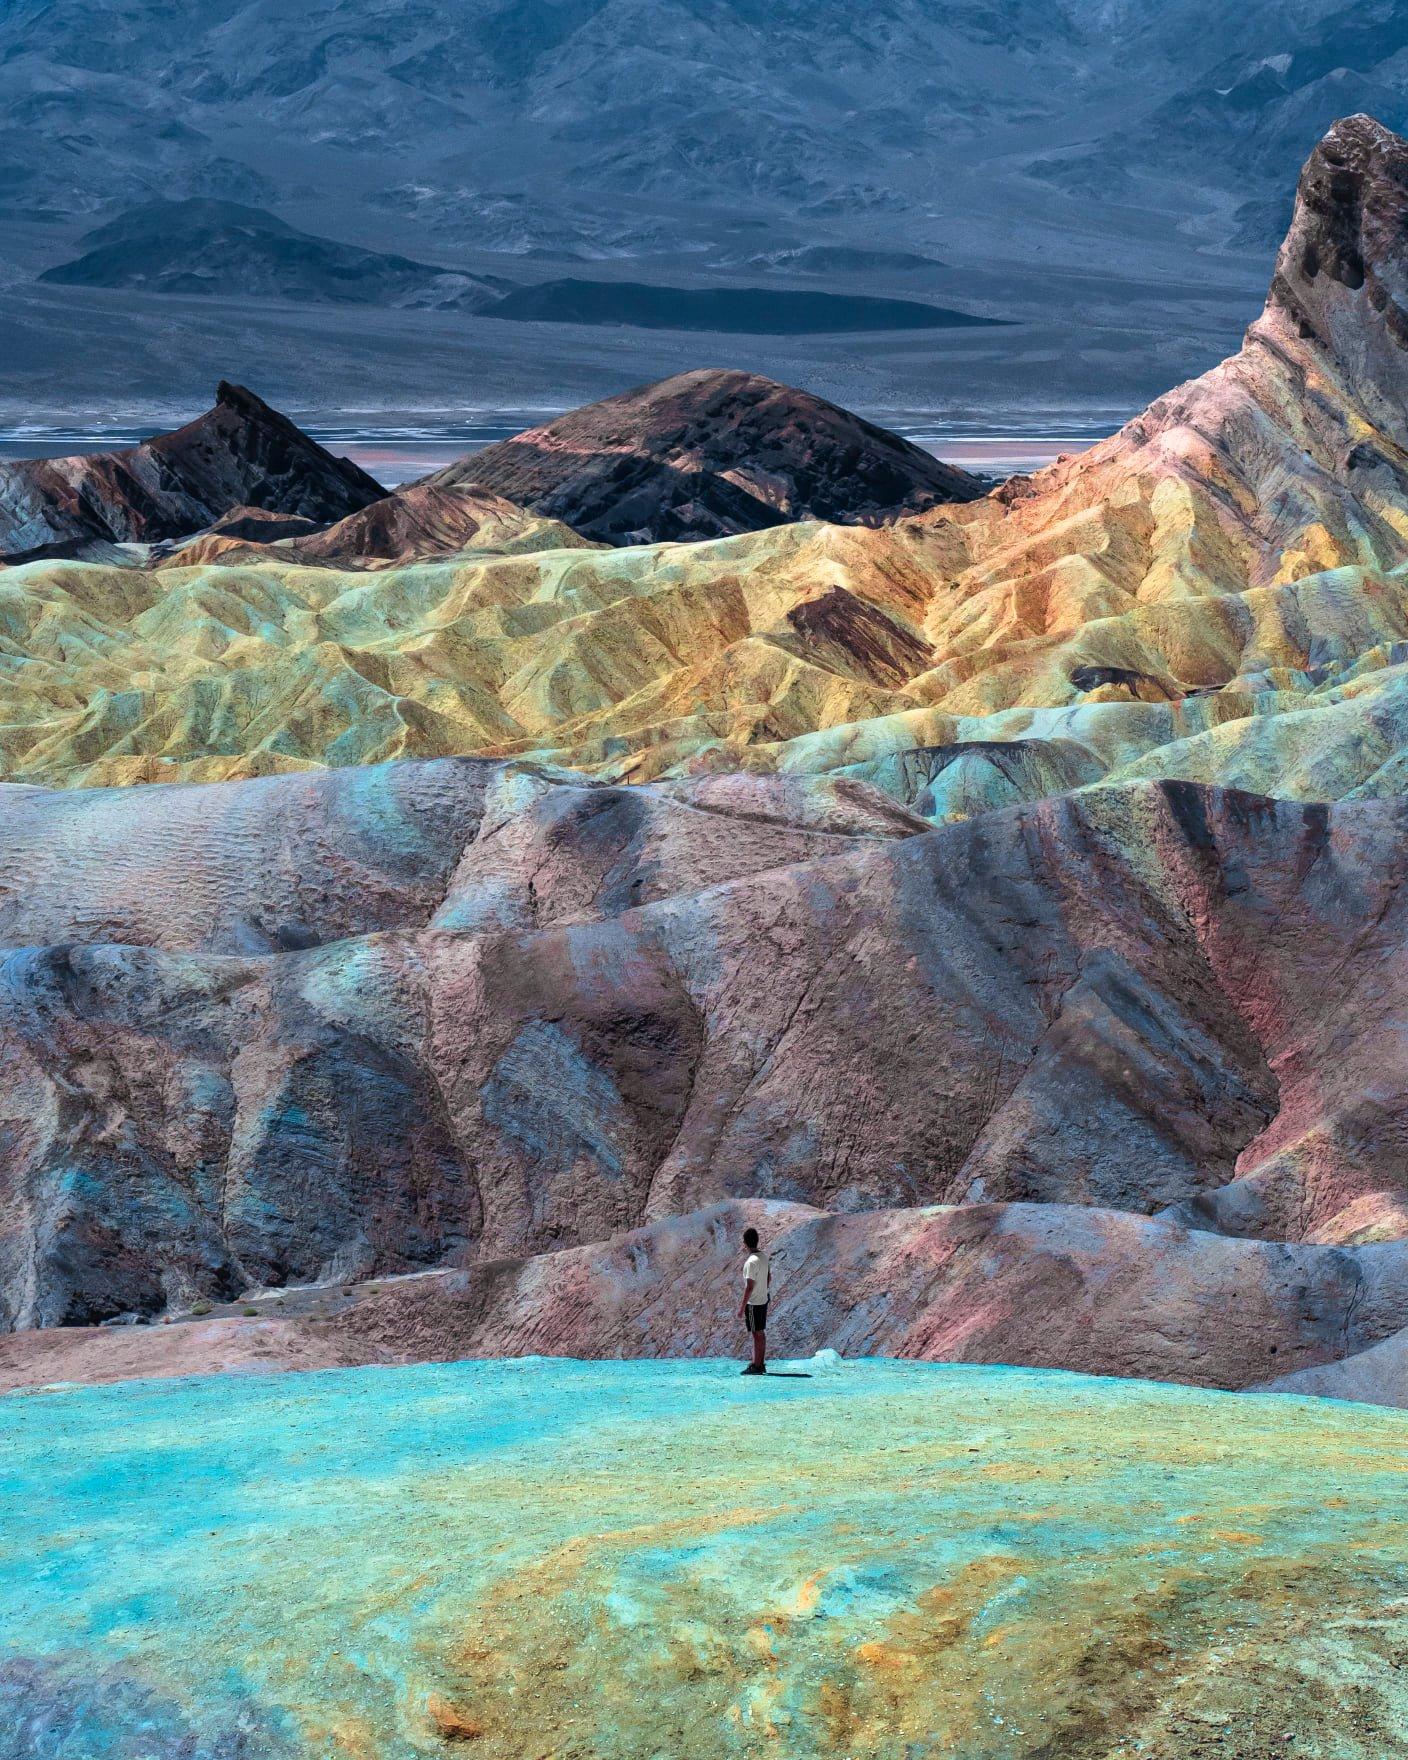 """Dolina Śmierci jest miejscem, w którym odnotowano najwyższą temperaturę na Ziemi.  Autor zdjęcia Marcello Bettoli wspomniał, że """"przy temperaturach sięgających 49° C przebywanie na świeżym powietrzu w słynnej Dolinie Śmierci było bardzo dużym wyzwaniem""""."""